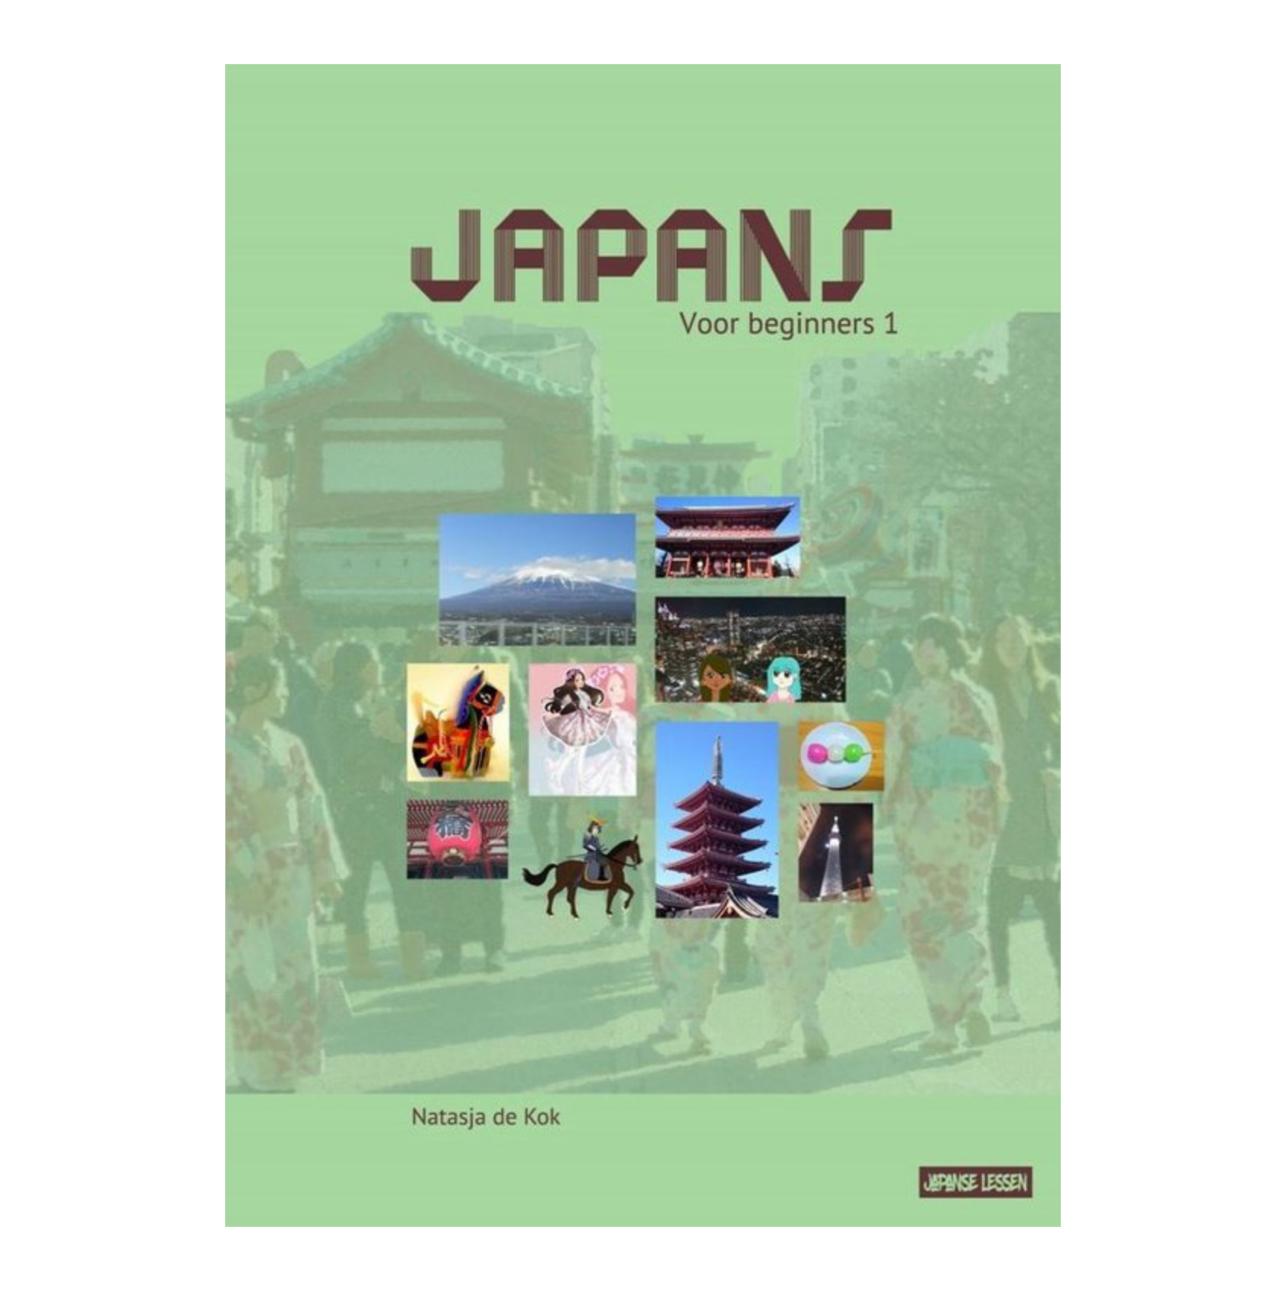 Japans voor beginners